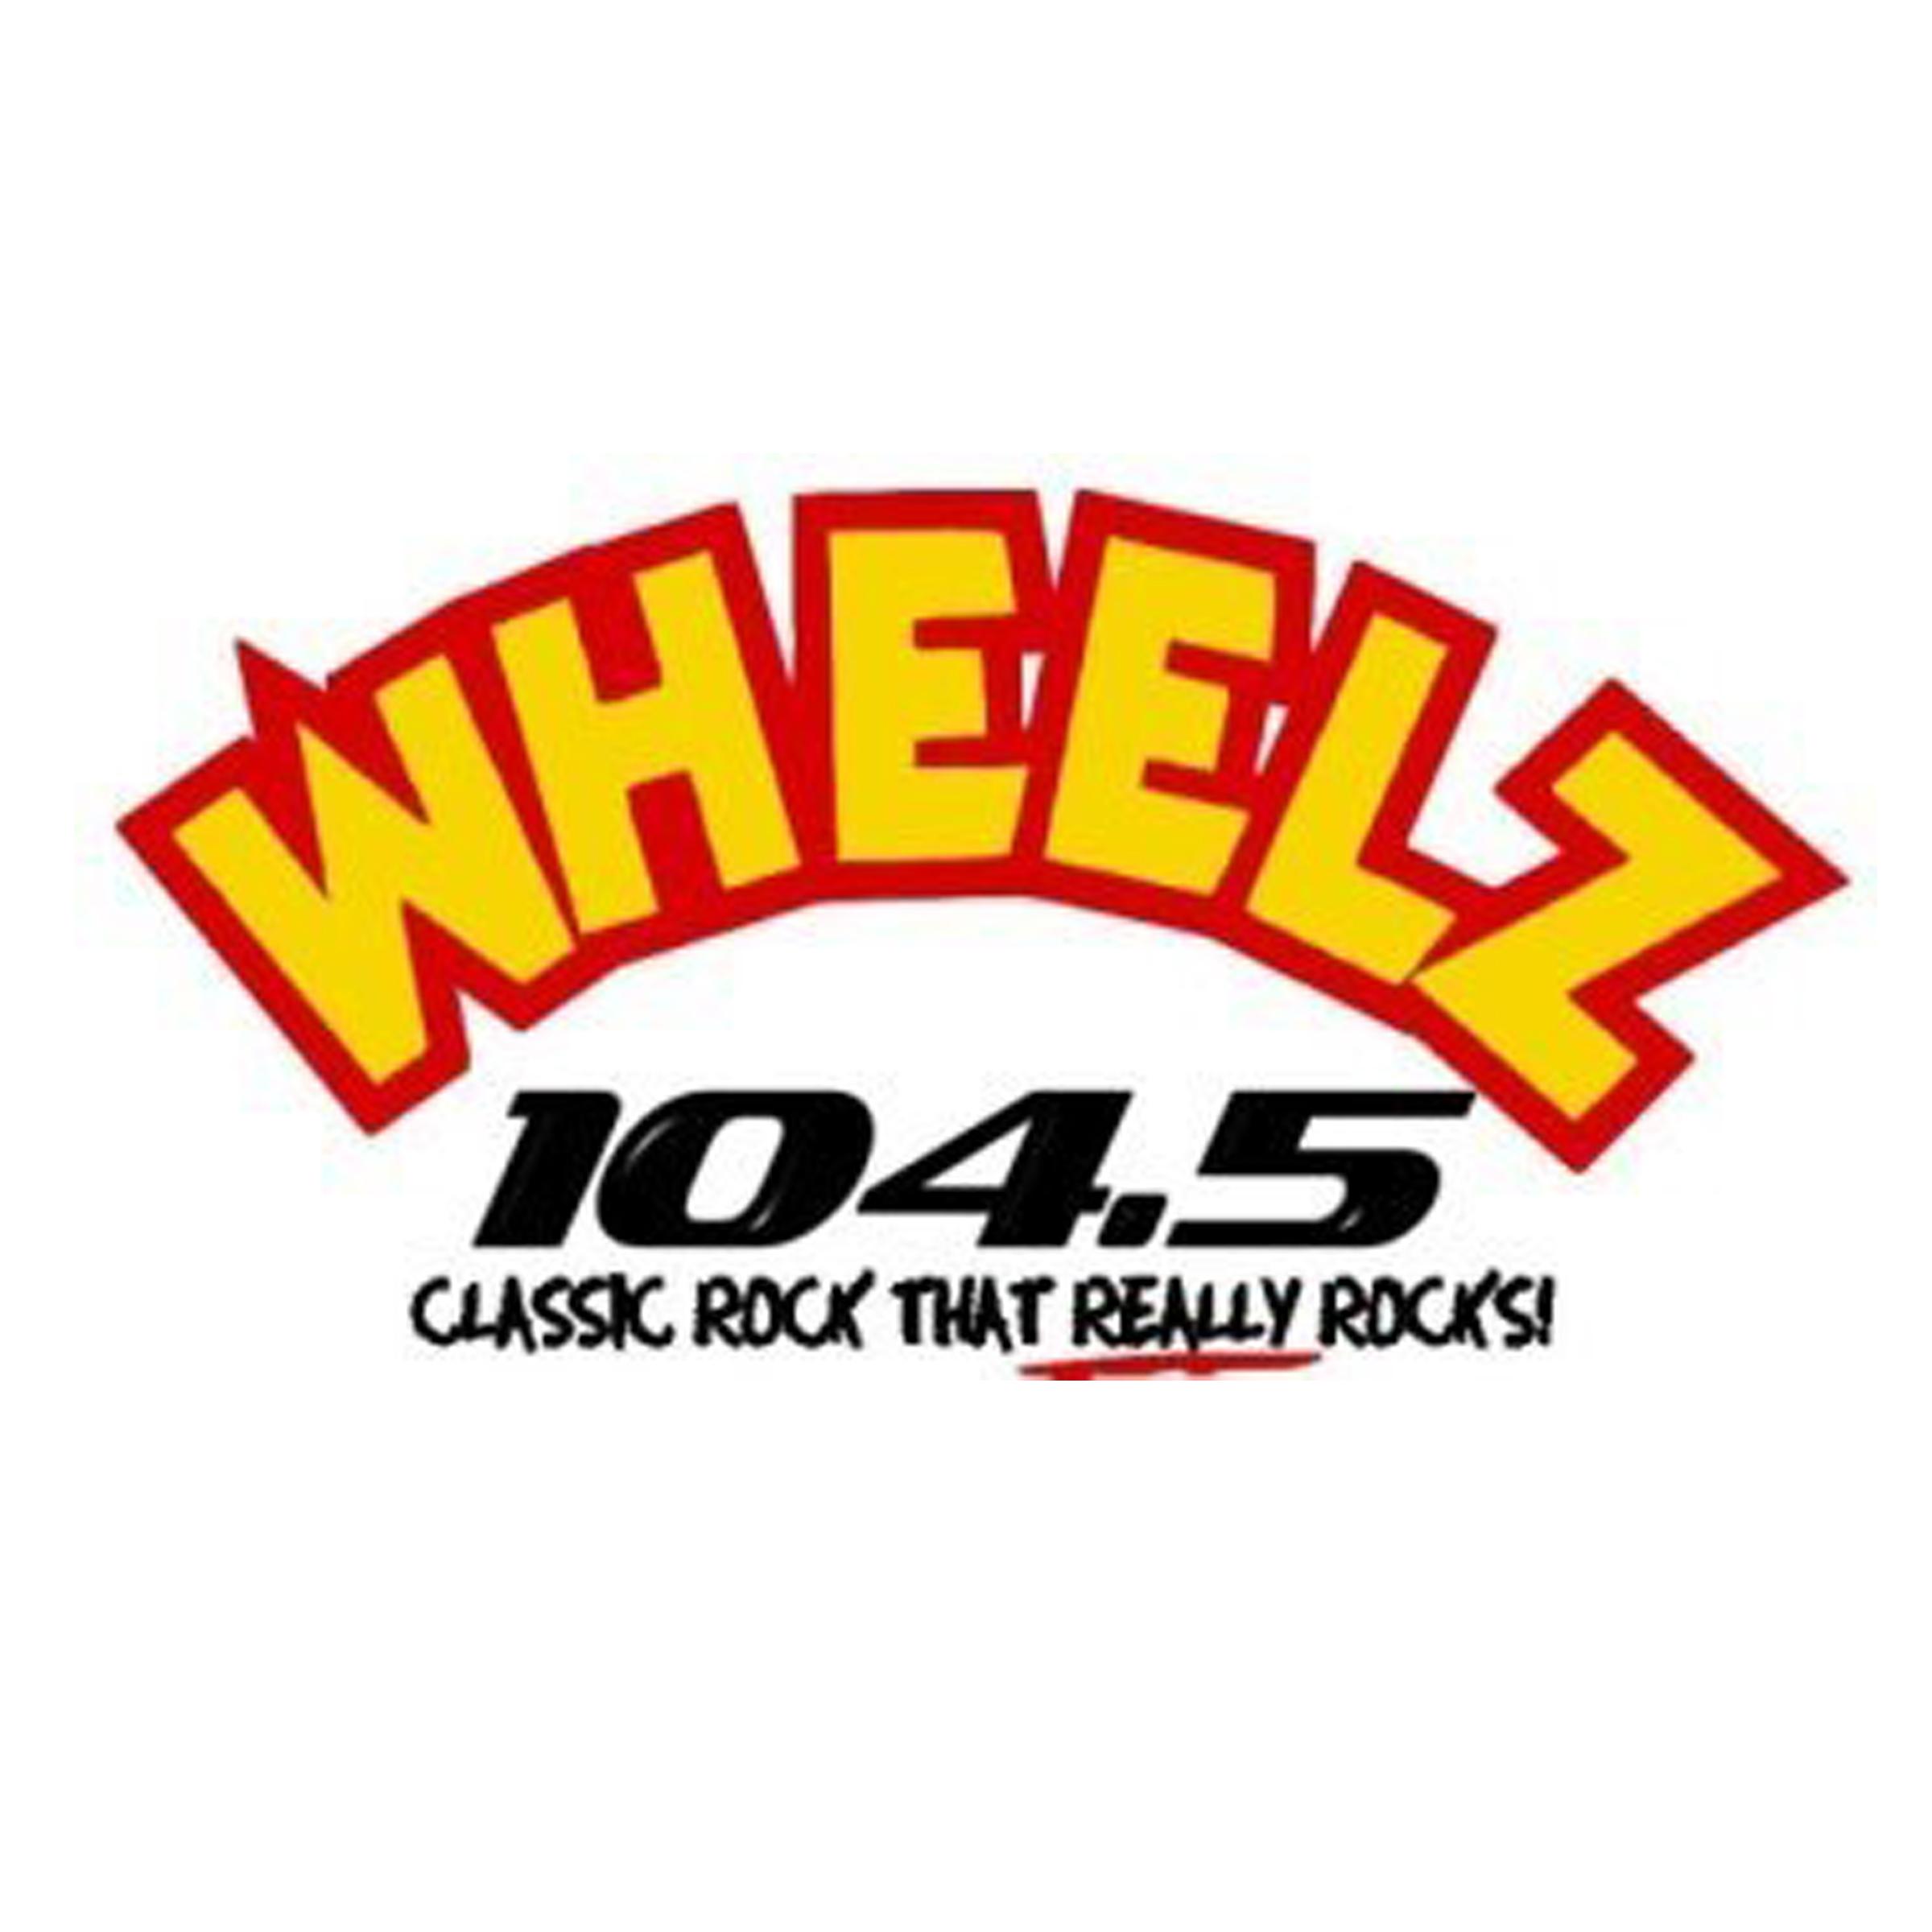 Wheelz - Web.jpg